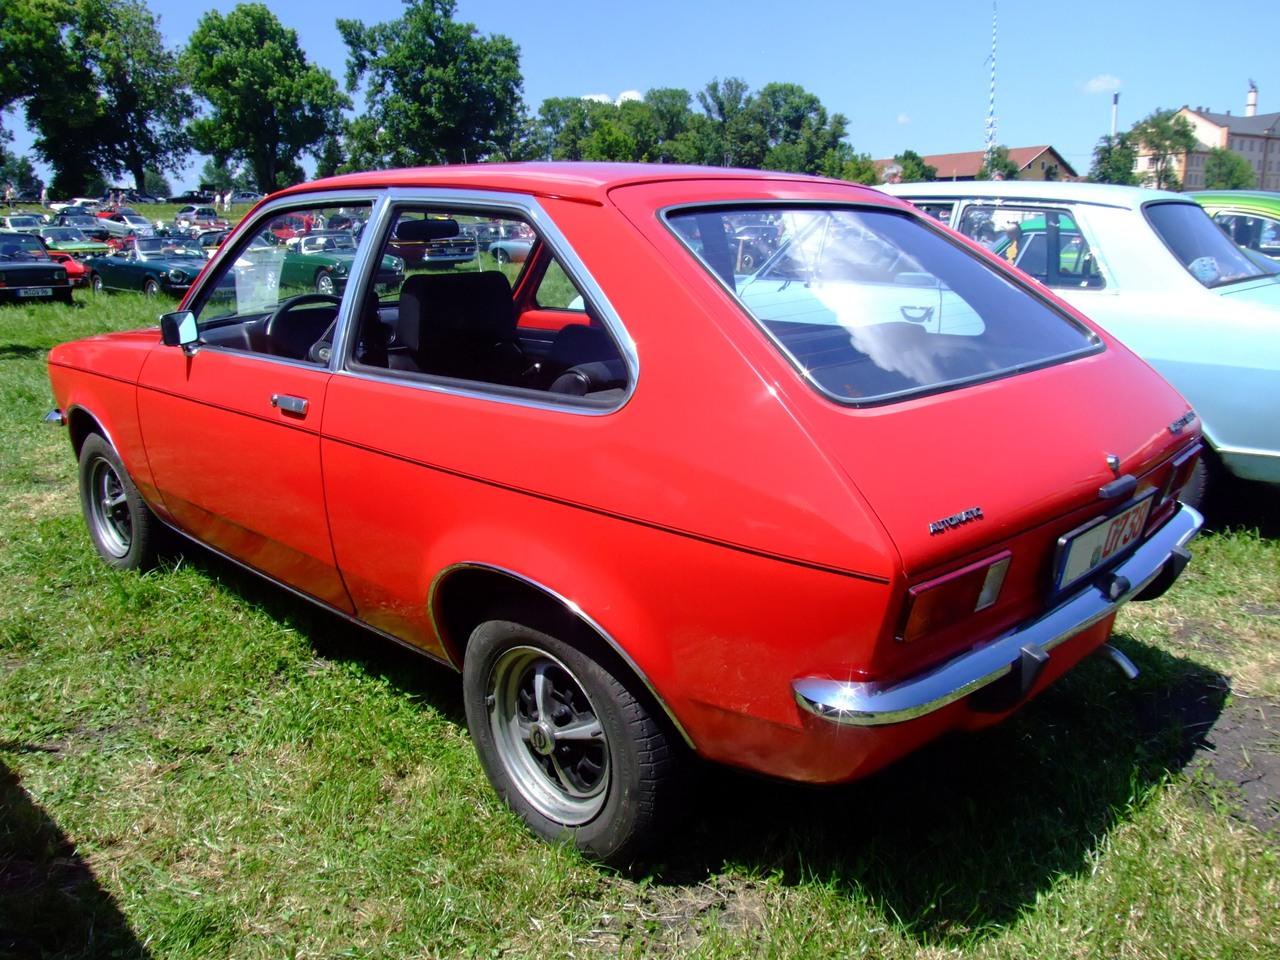 Défi moins de kits en cours : Dodge Charger R/T 68 [Revell 1/25] *** Terminé en pg 8 - Page 9 Opel_Kadett_1200_S_2